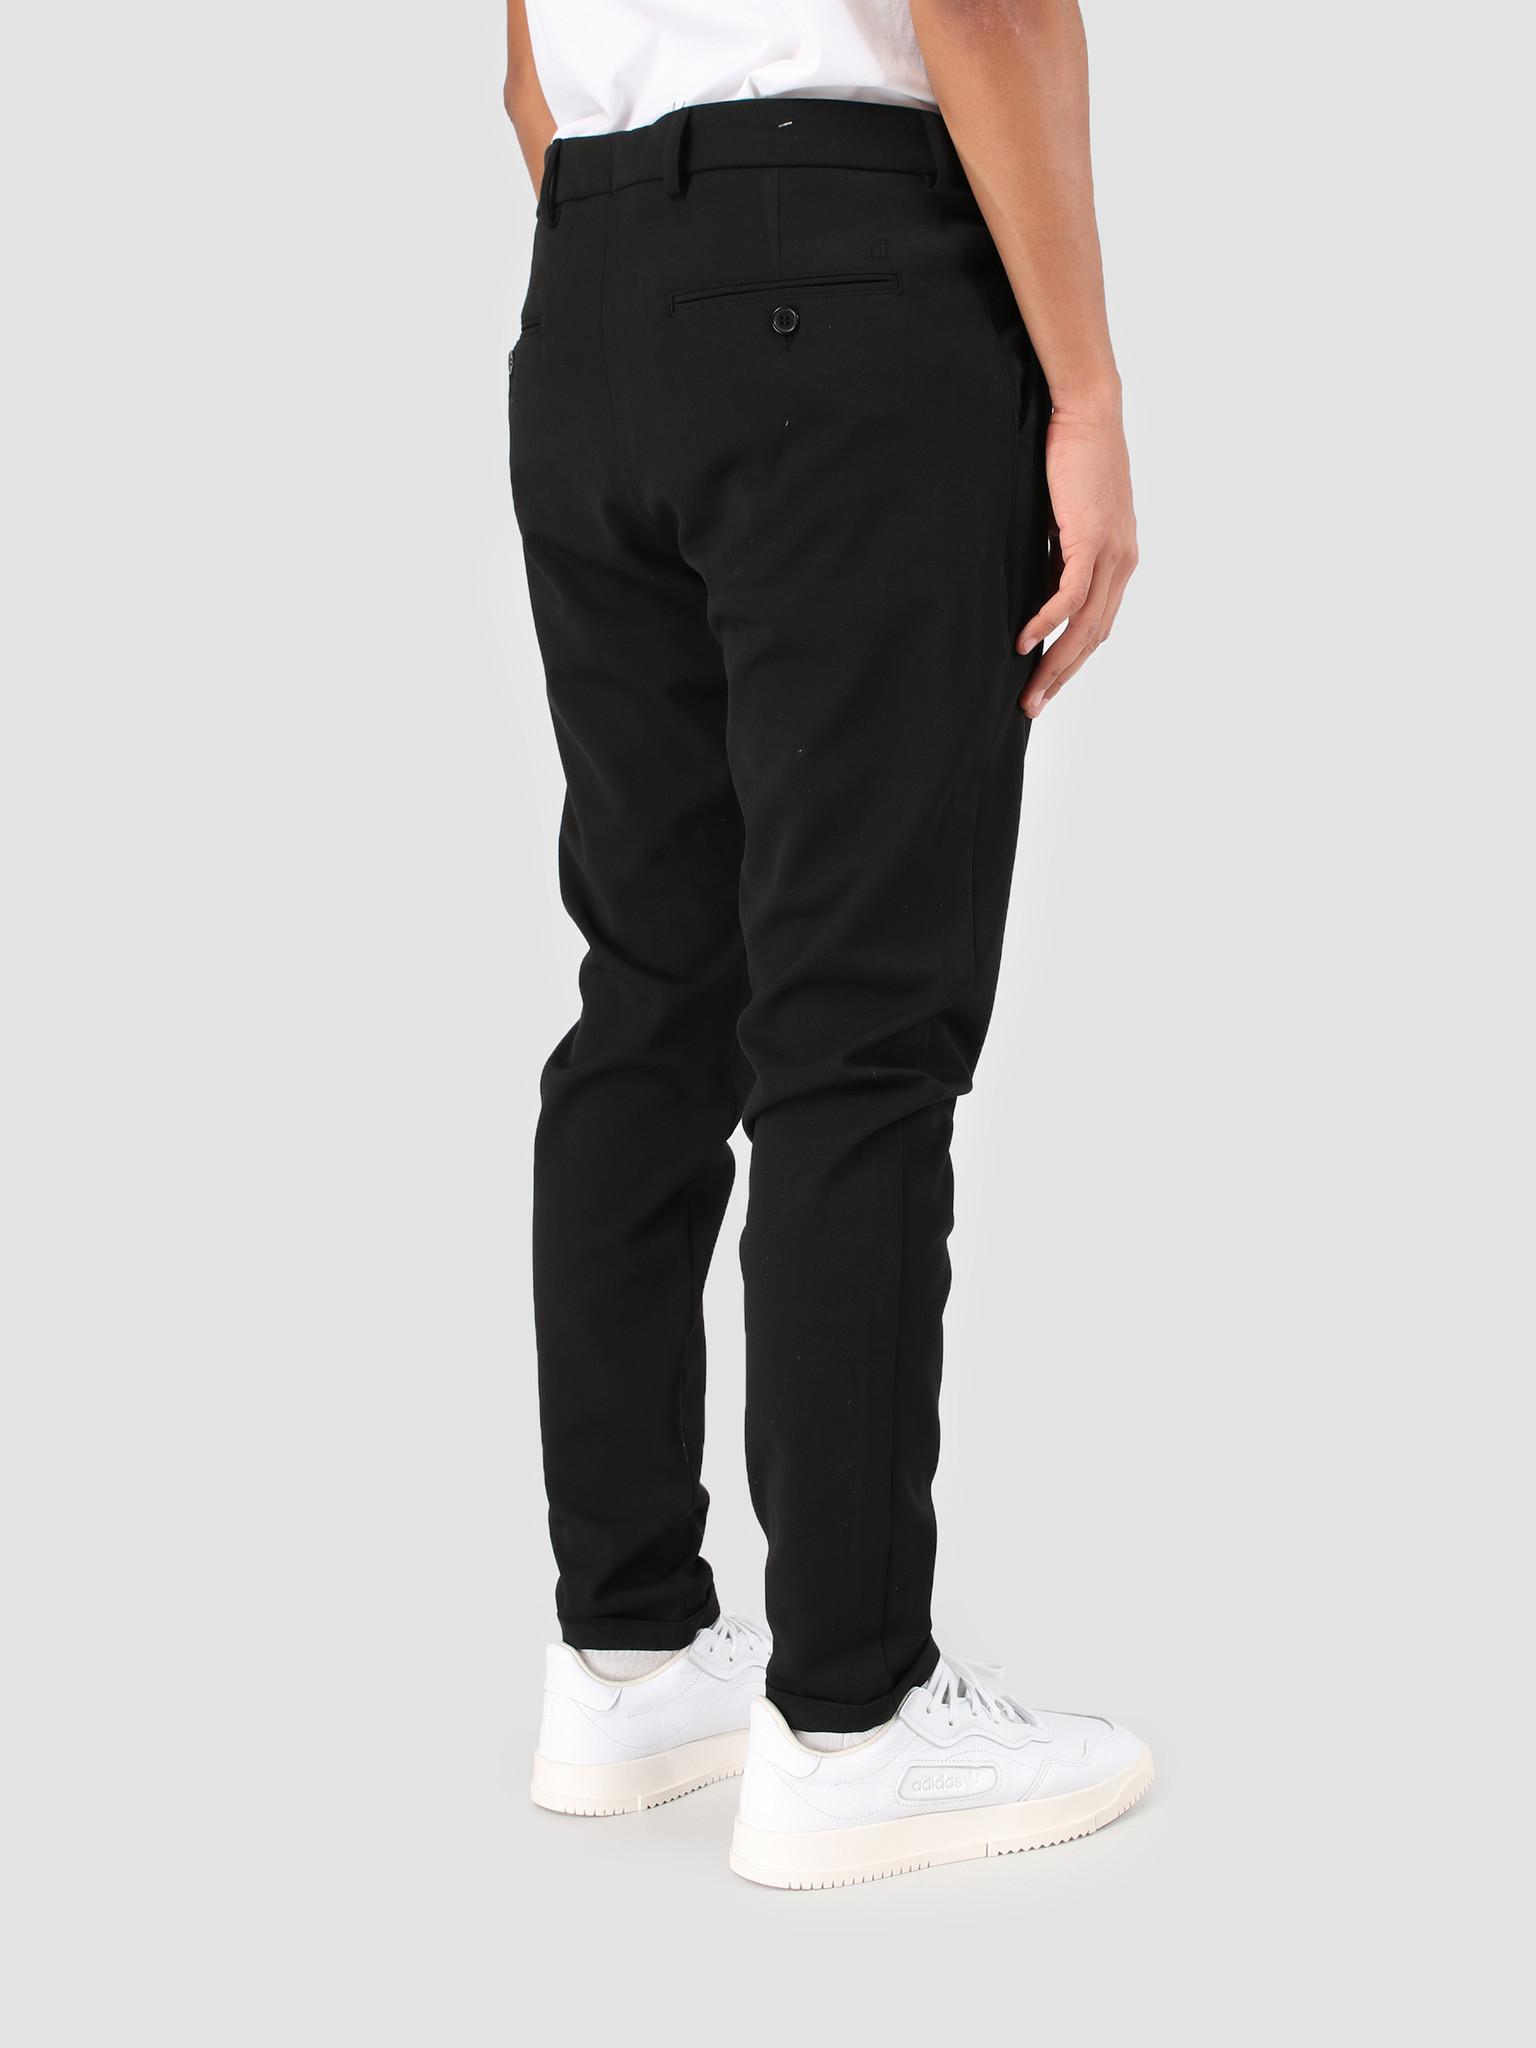 Les Deux Les Deux Suit Pants Como black LDSS17009